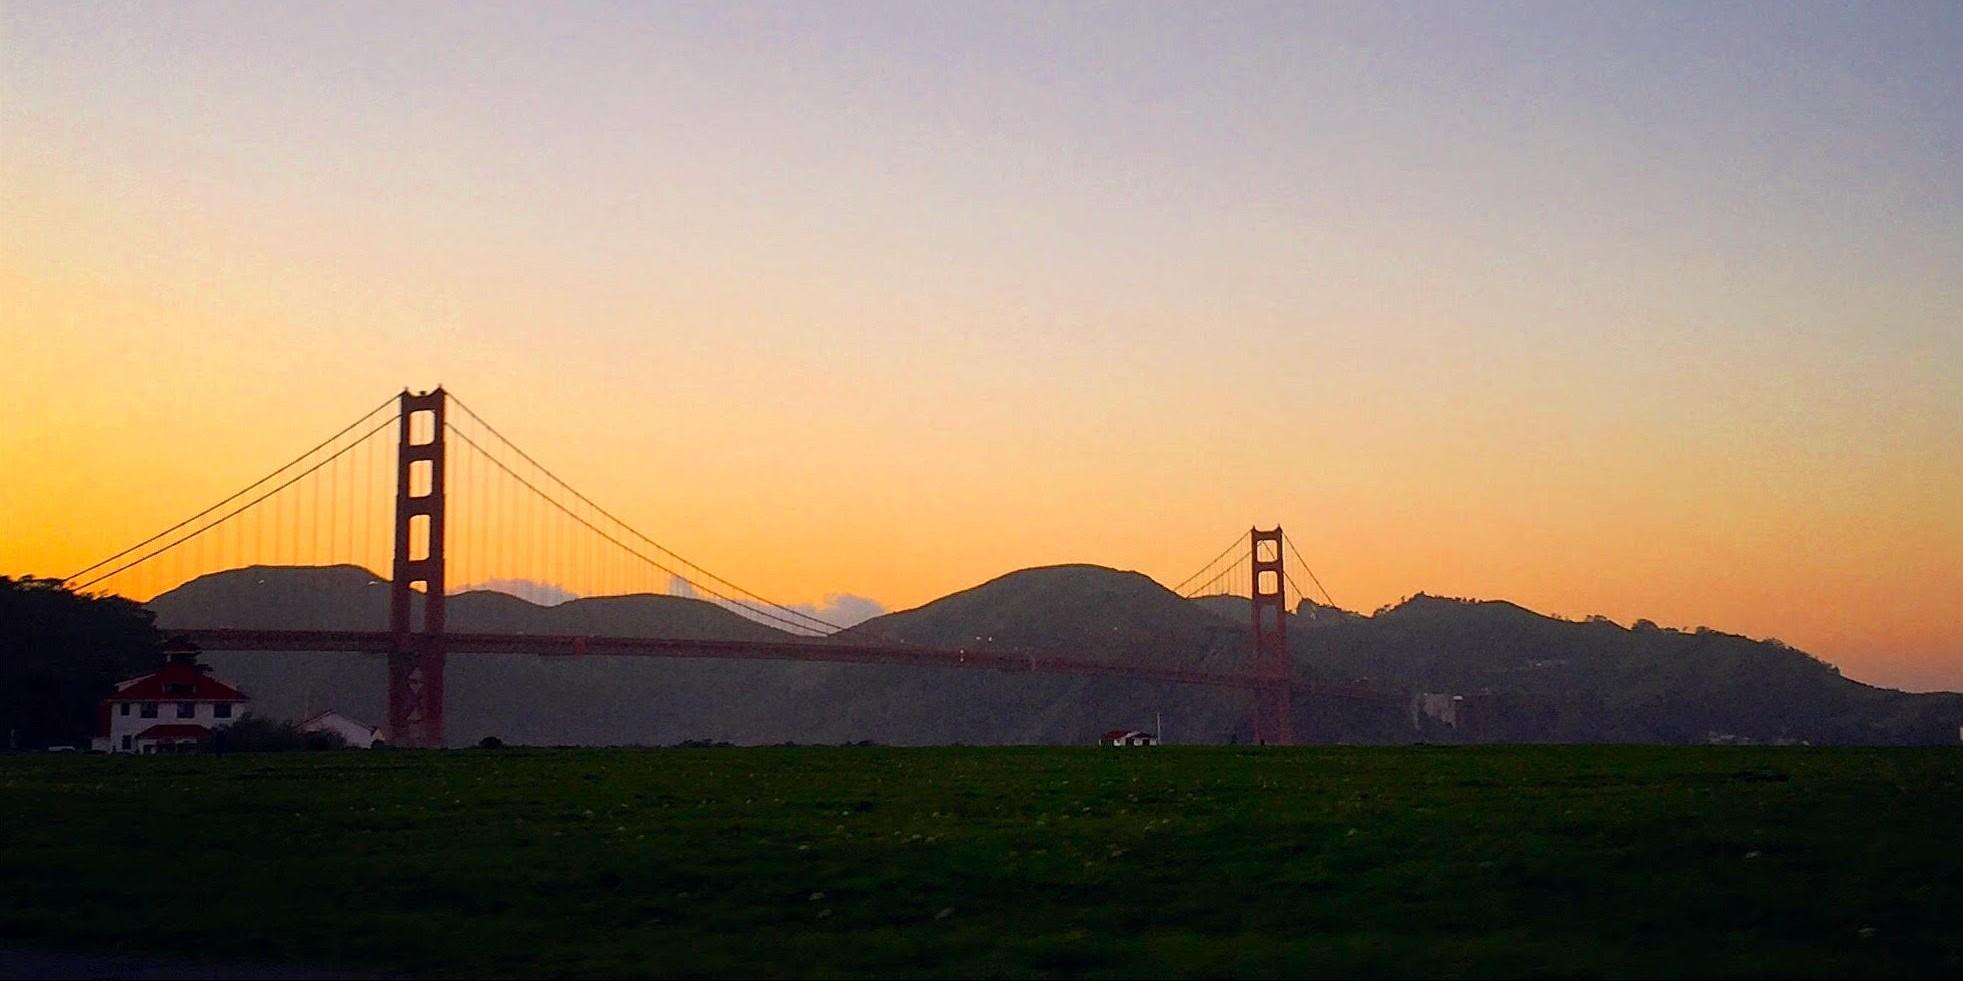 San Francisco GG